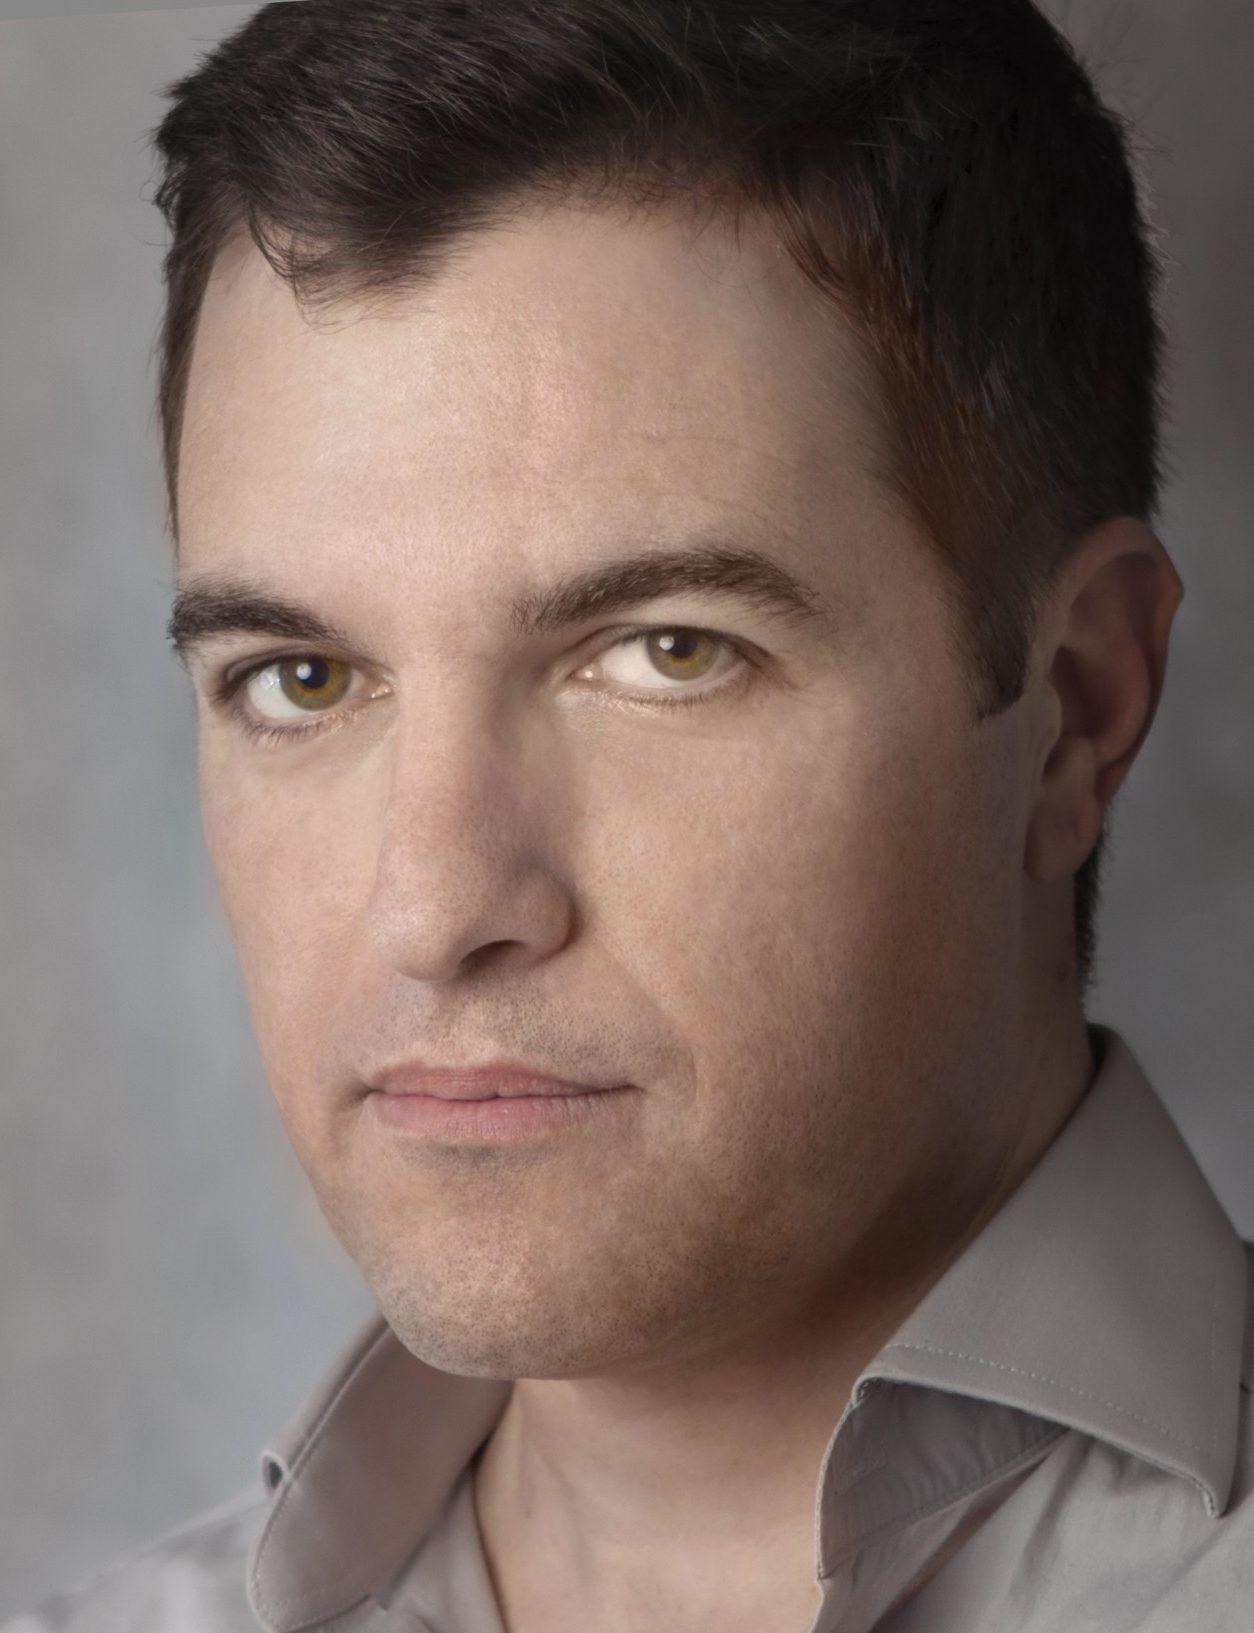 Daniel Fernando Manoel é designer gráfico formado pela UNESP, iniciou sua carreira em 2006. Atuou em agência de comunicação, departamento de marketing e escritório de design.  É sócio proprietário da DZ Design, agência que gera soluções para as áreas de embalagem, ponto de venda, identidade visual e comunicação